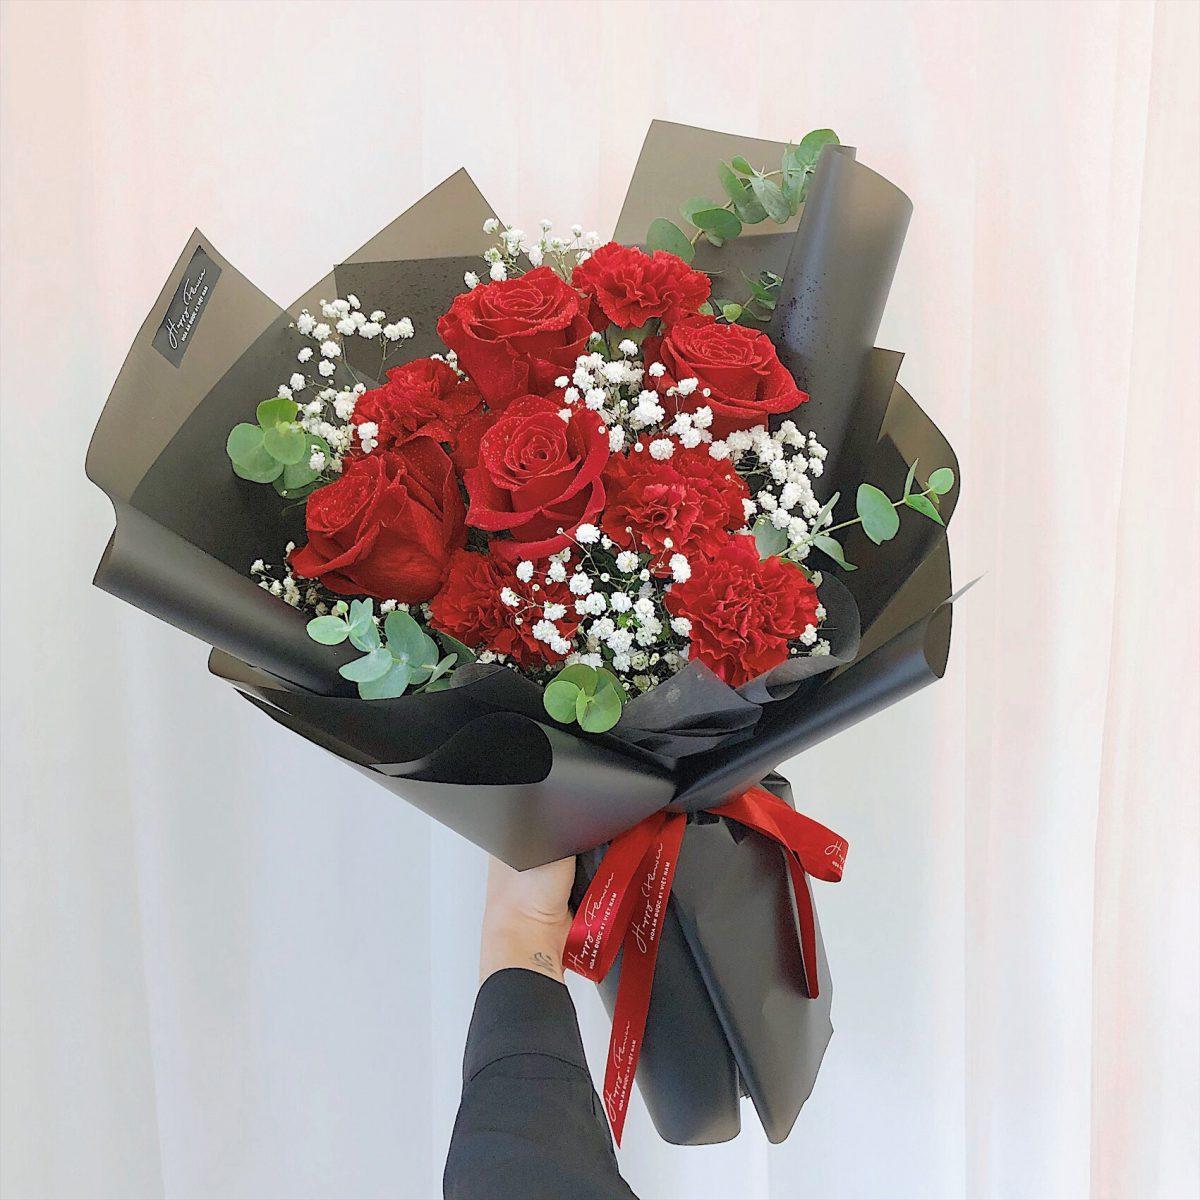 Ảnh có chứa tường, trong nhà, bó hoa, bàn Mô tả được tạo tự động